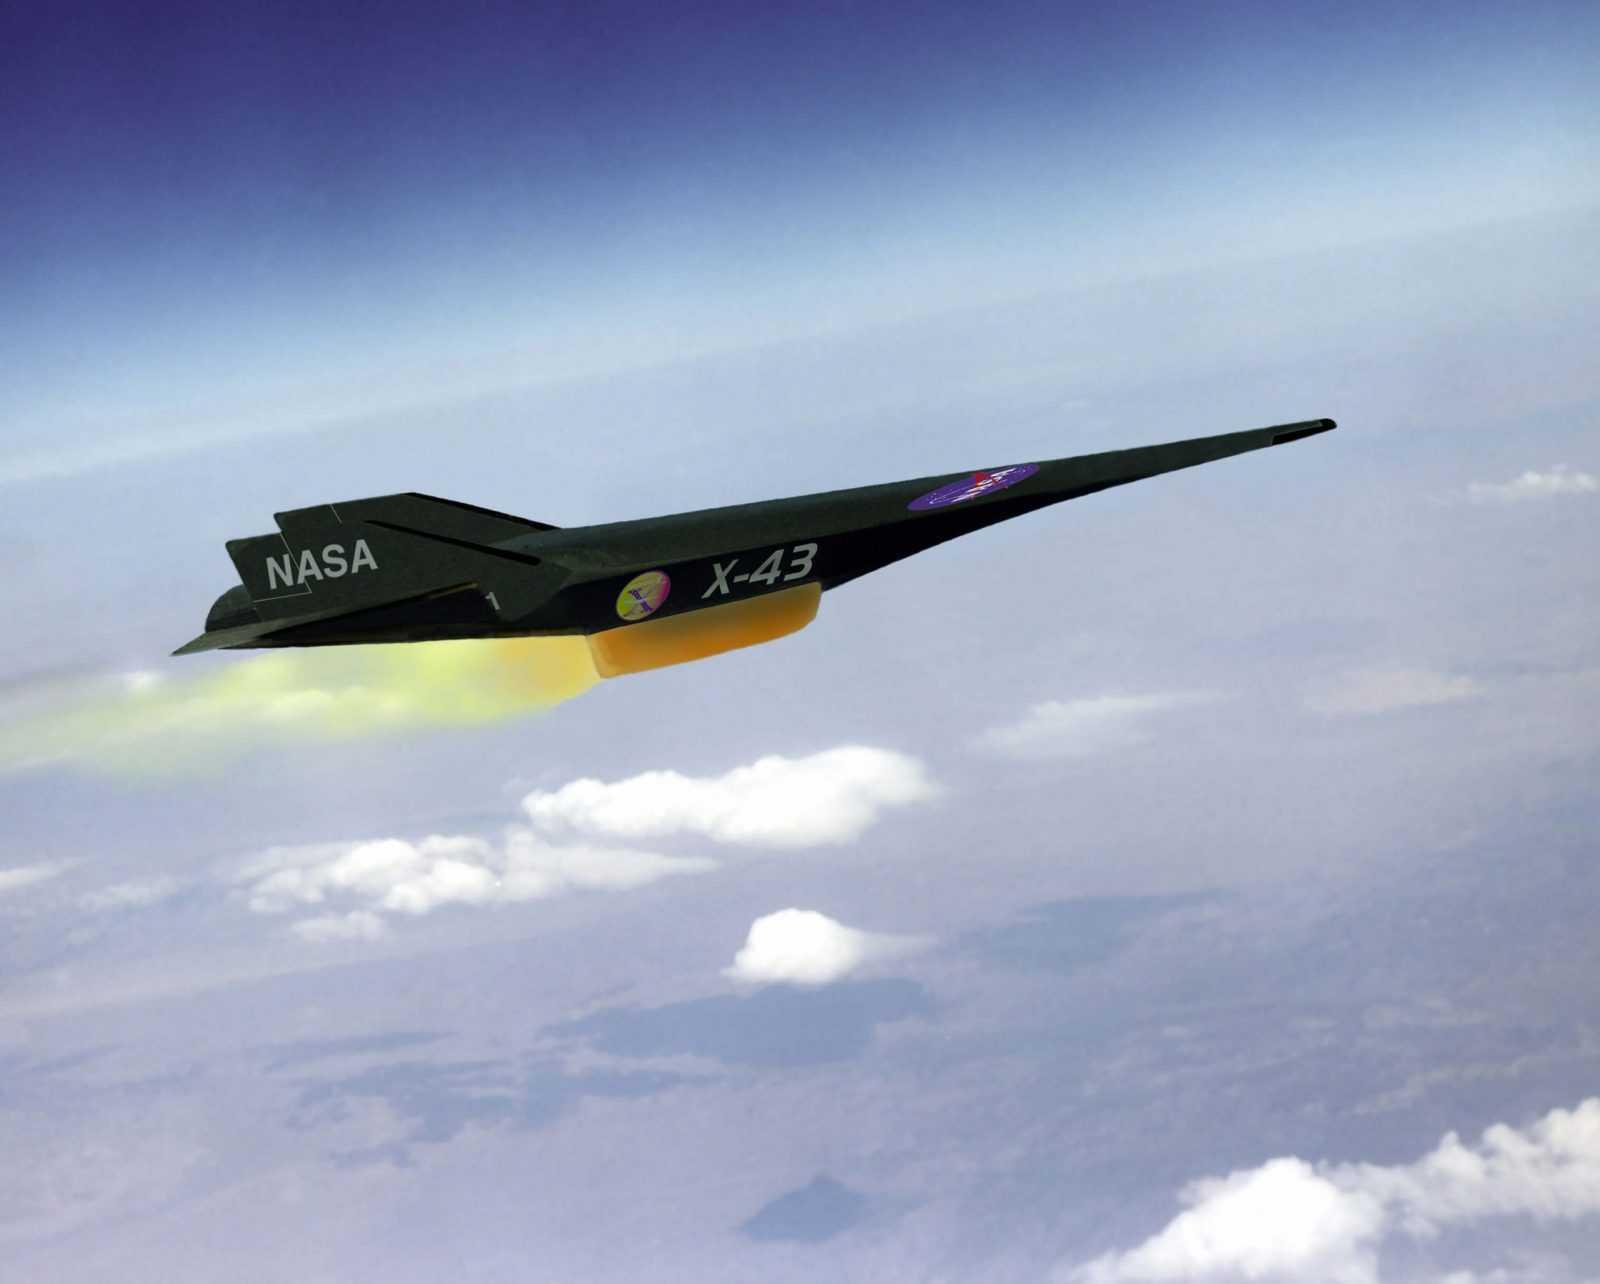 Boeing X-43 - visātrākais lidaparāts pasaulē